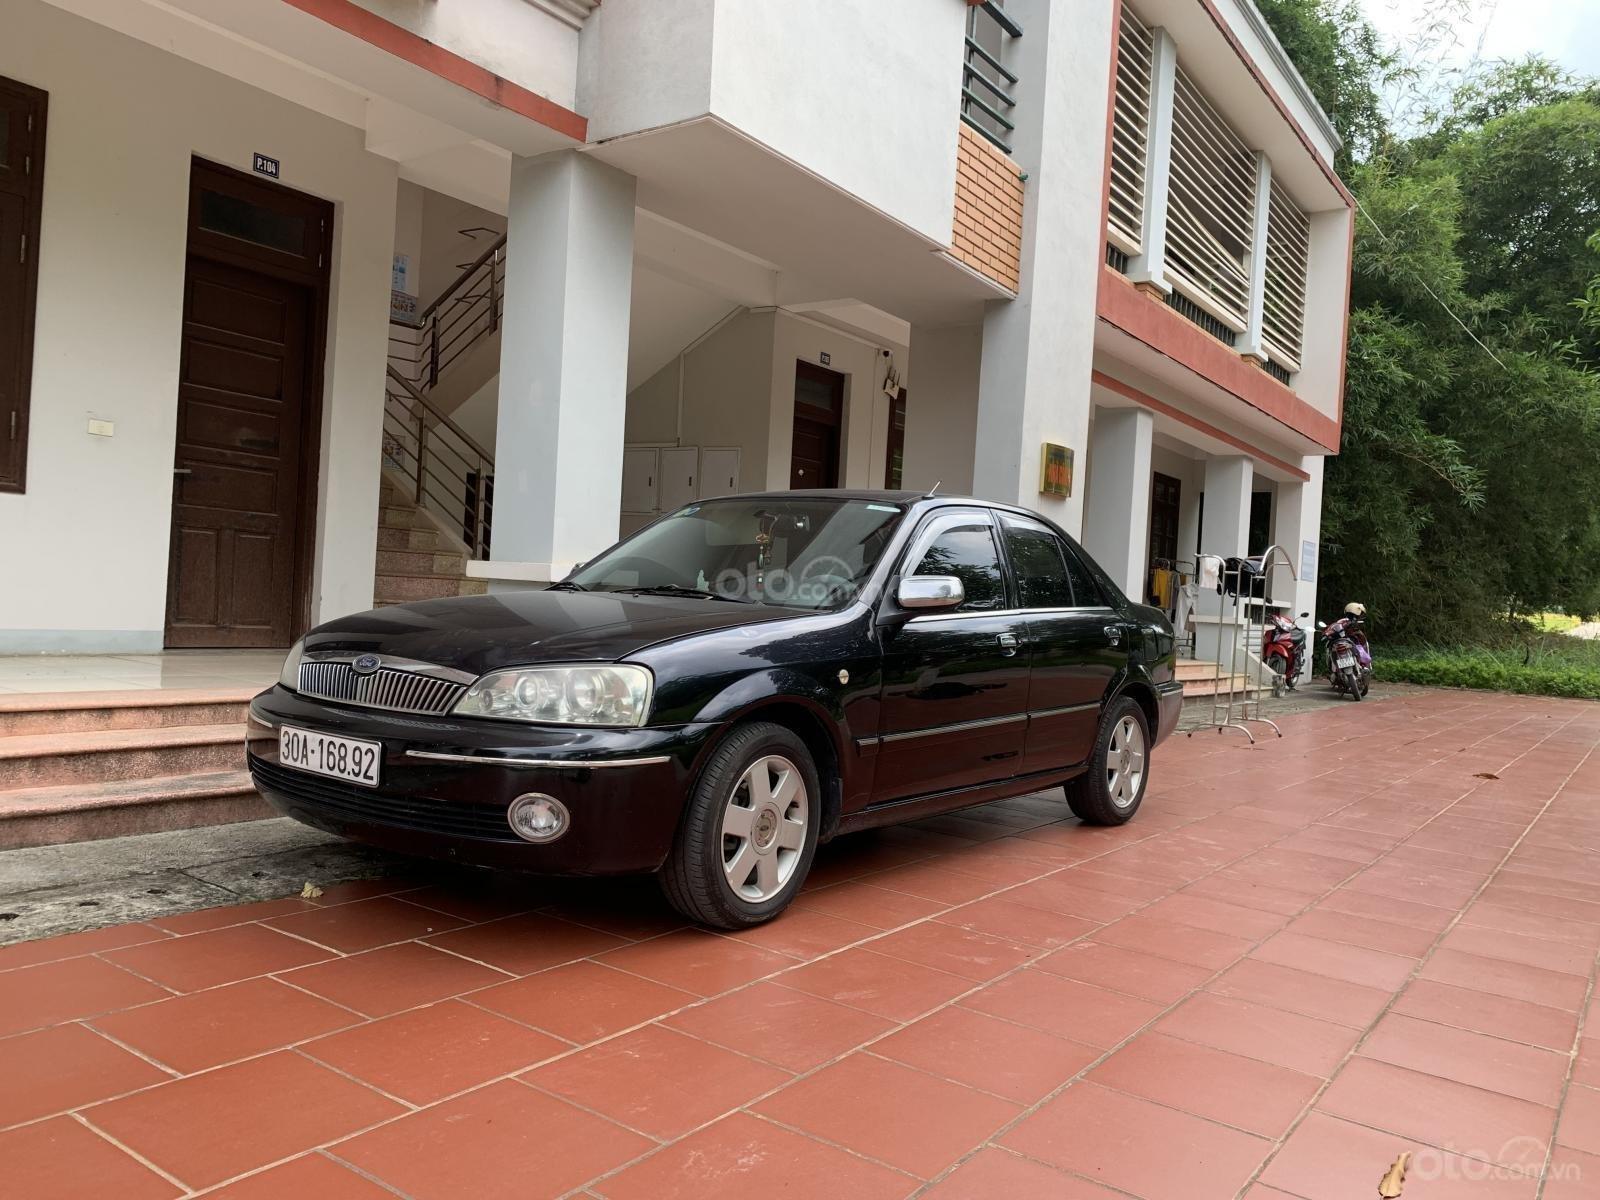 Bán Ford Laser 2003 đen, nhập, chính chủ, miễn trung gian (1)